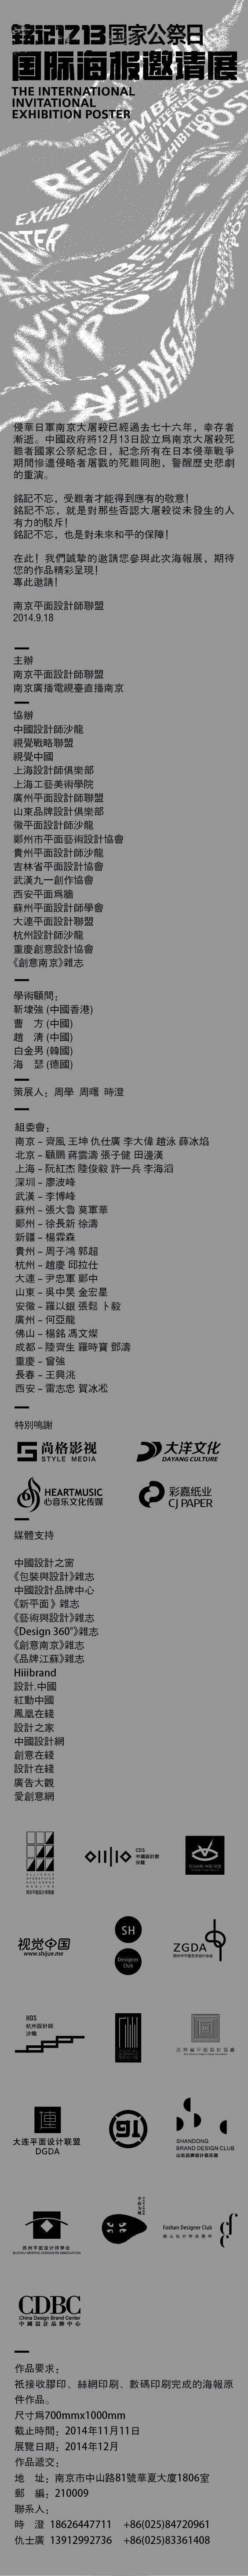 铭记12-13 国家公祭日 南京 国际海报邀请展 海报征集